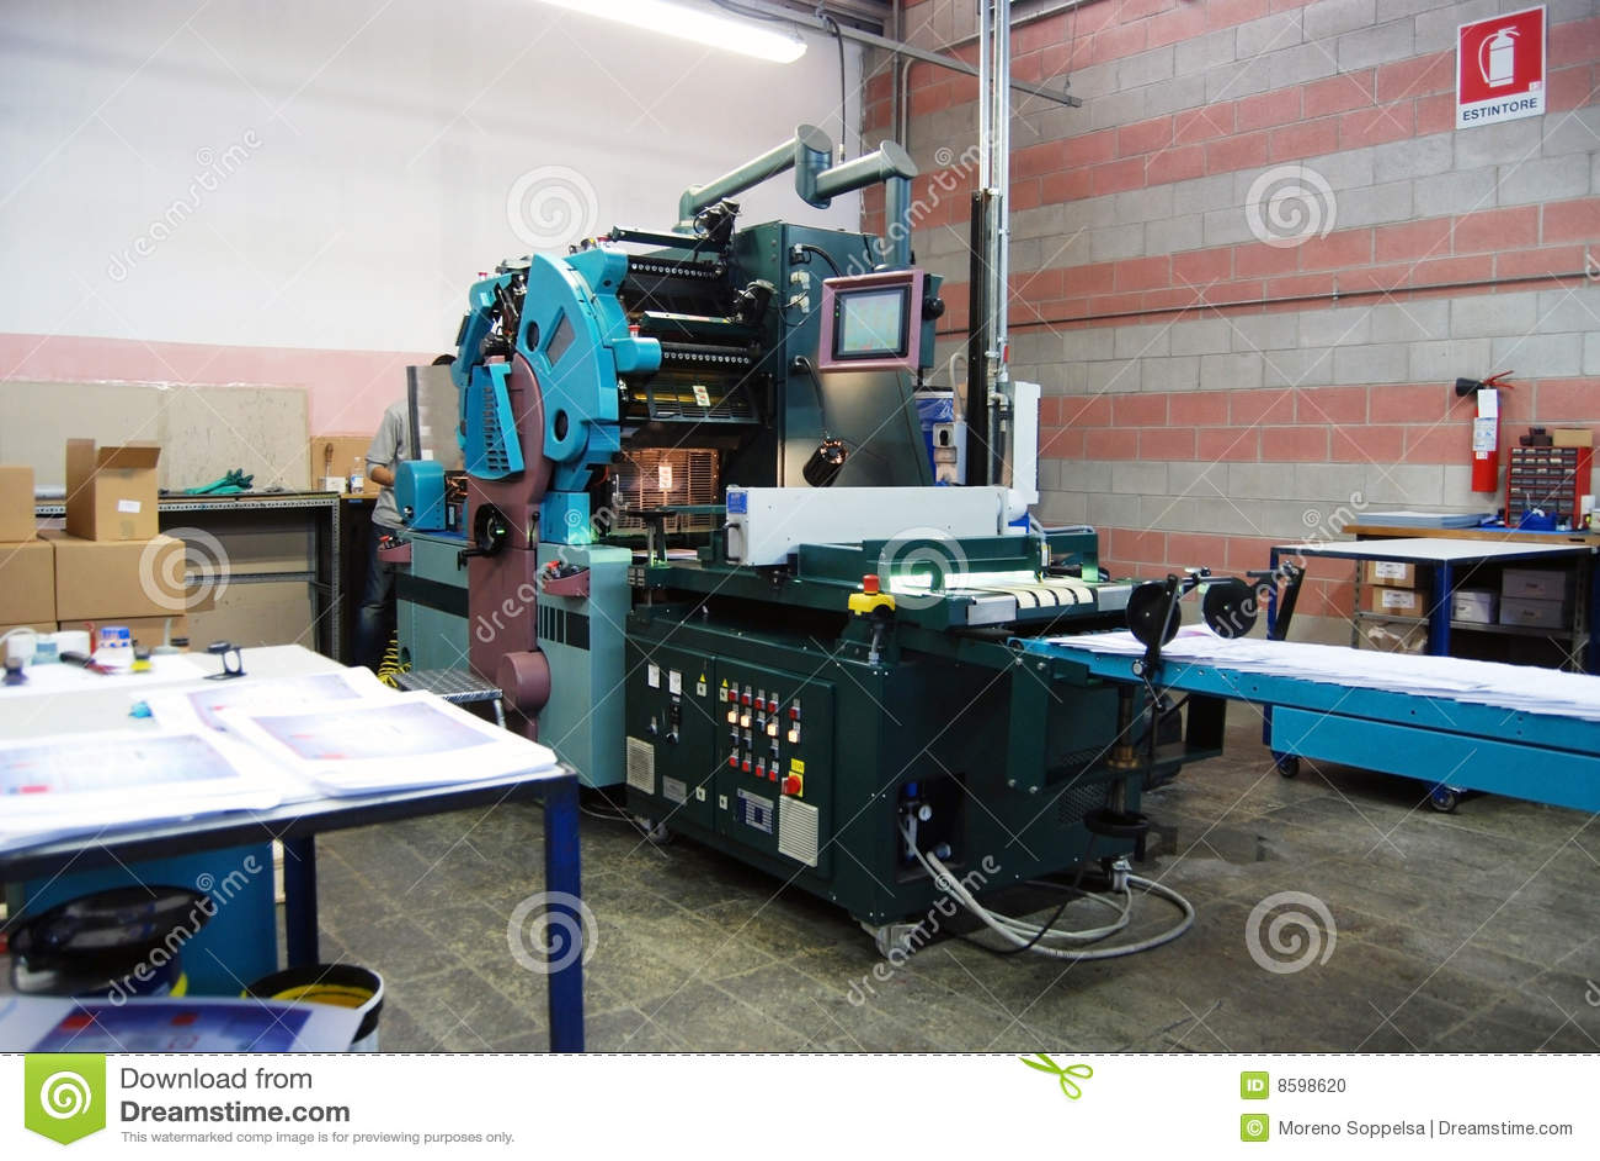 Förskjuten pressprinting